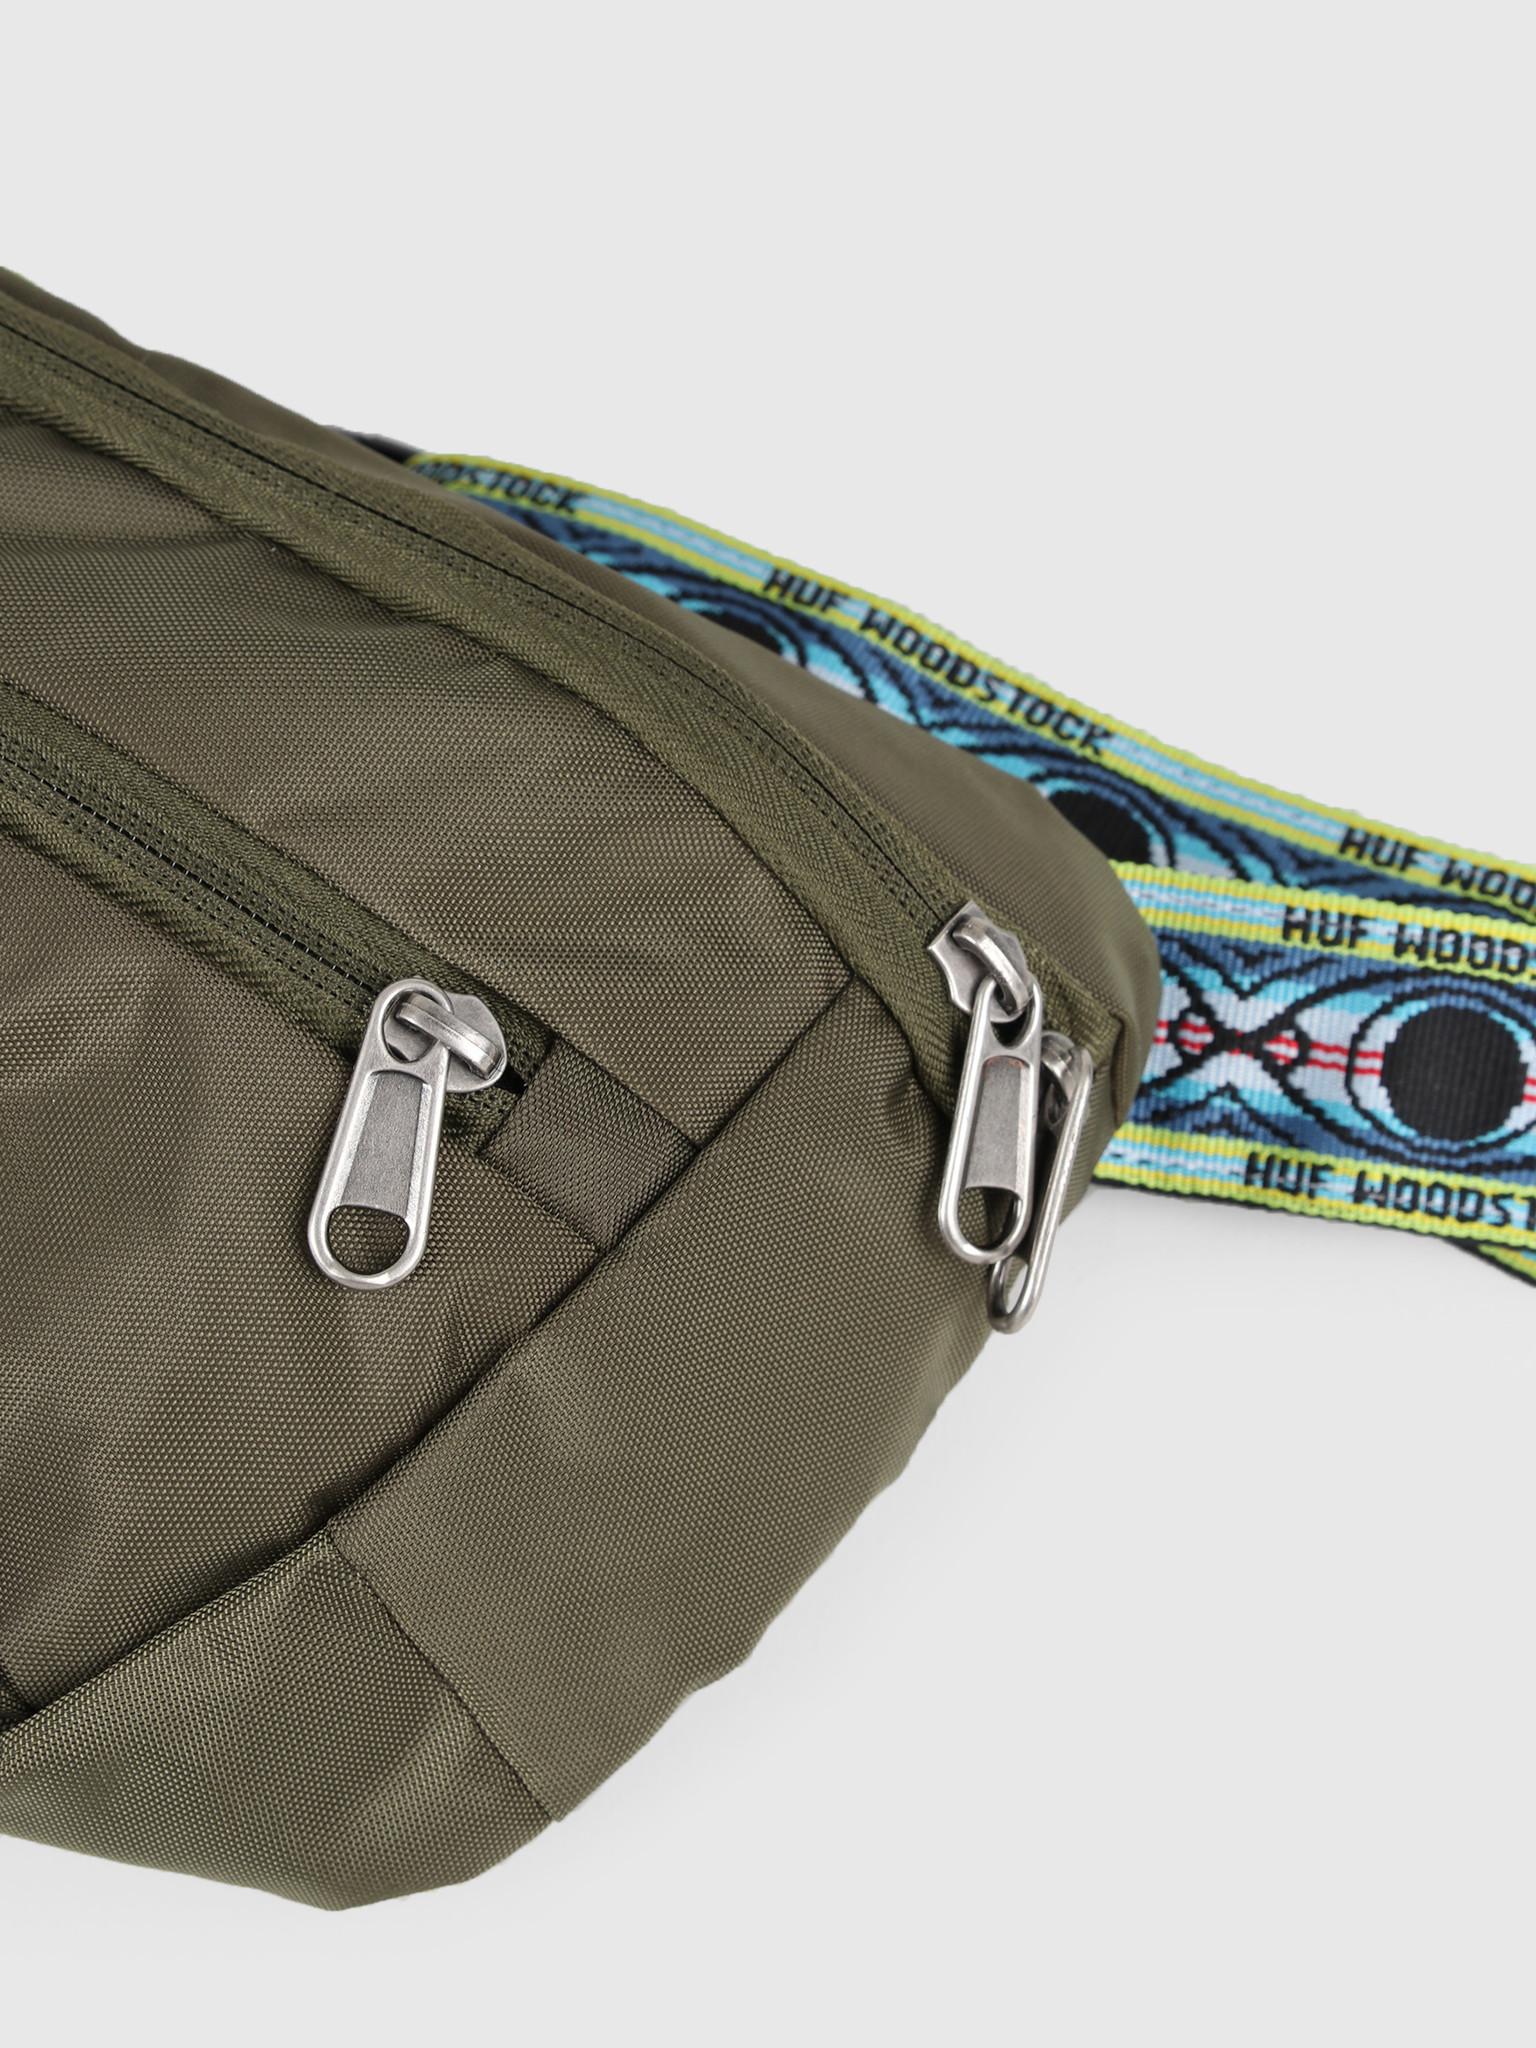 HUF HUF Woodstock Side Trip Bag Olive AC00327